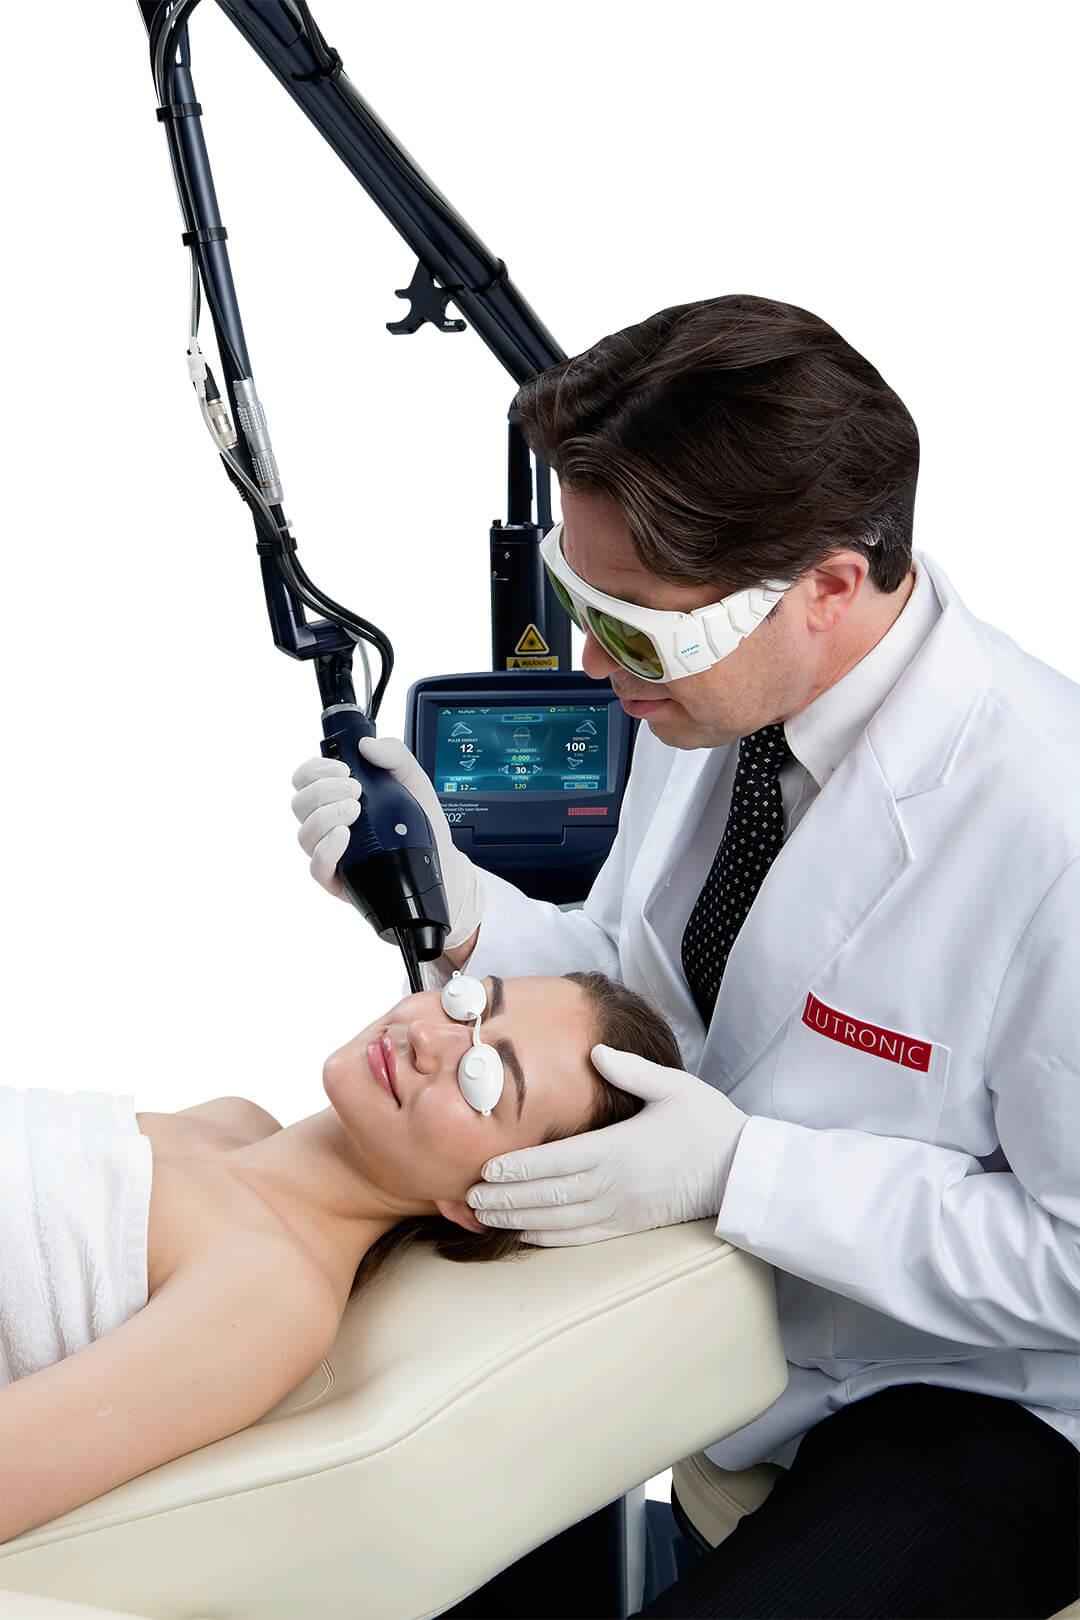 tratament cu laserul cu dioxid de carbon eco2 de la Lutronic